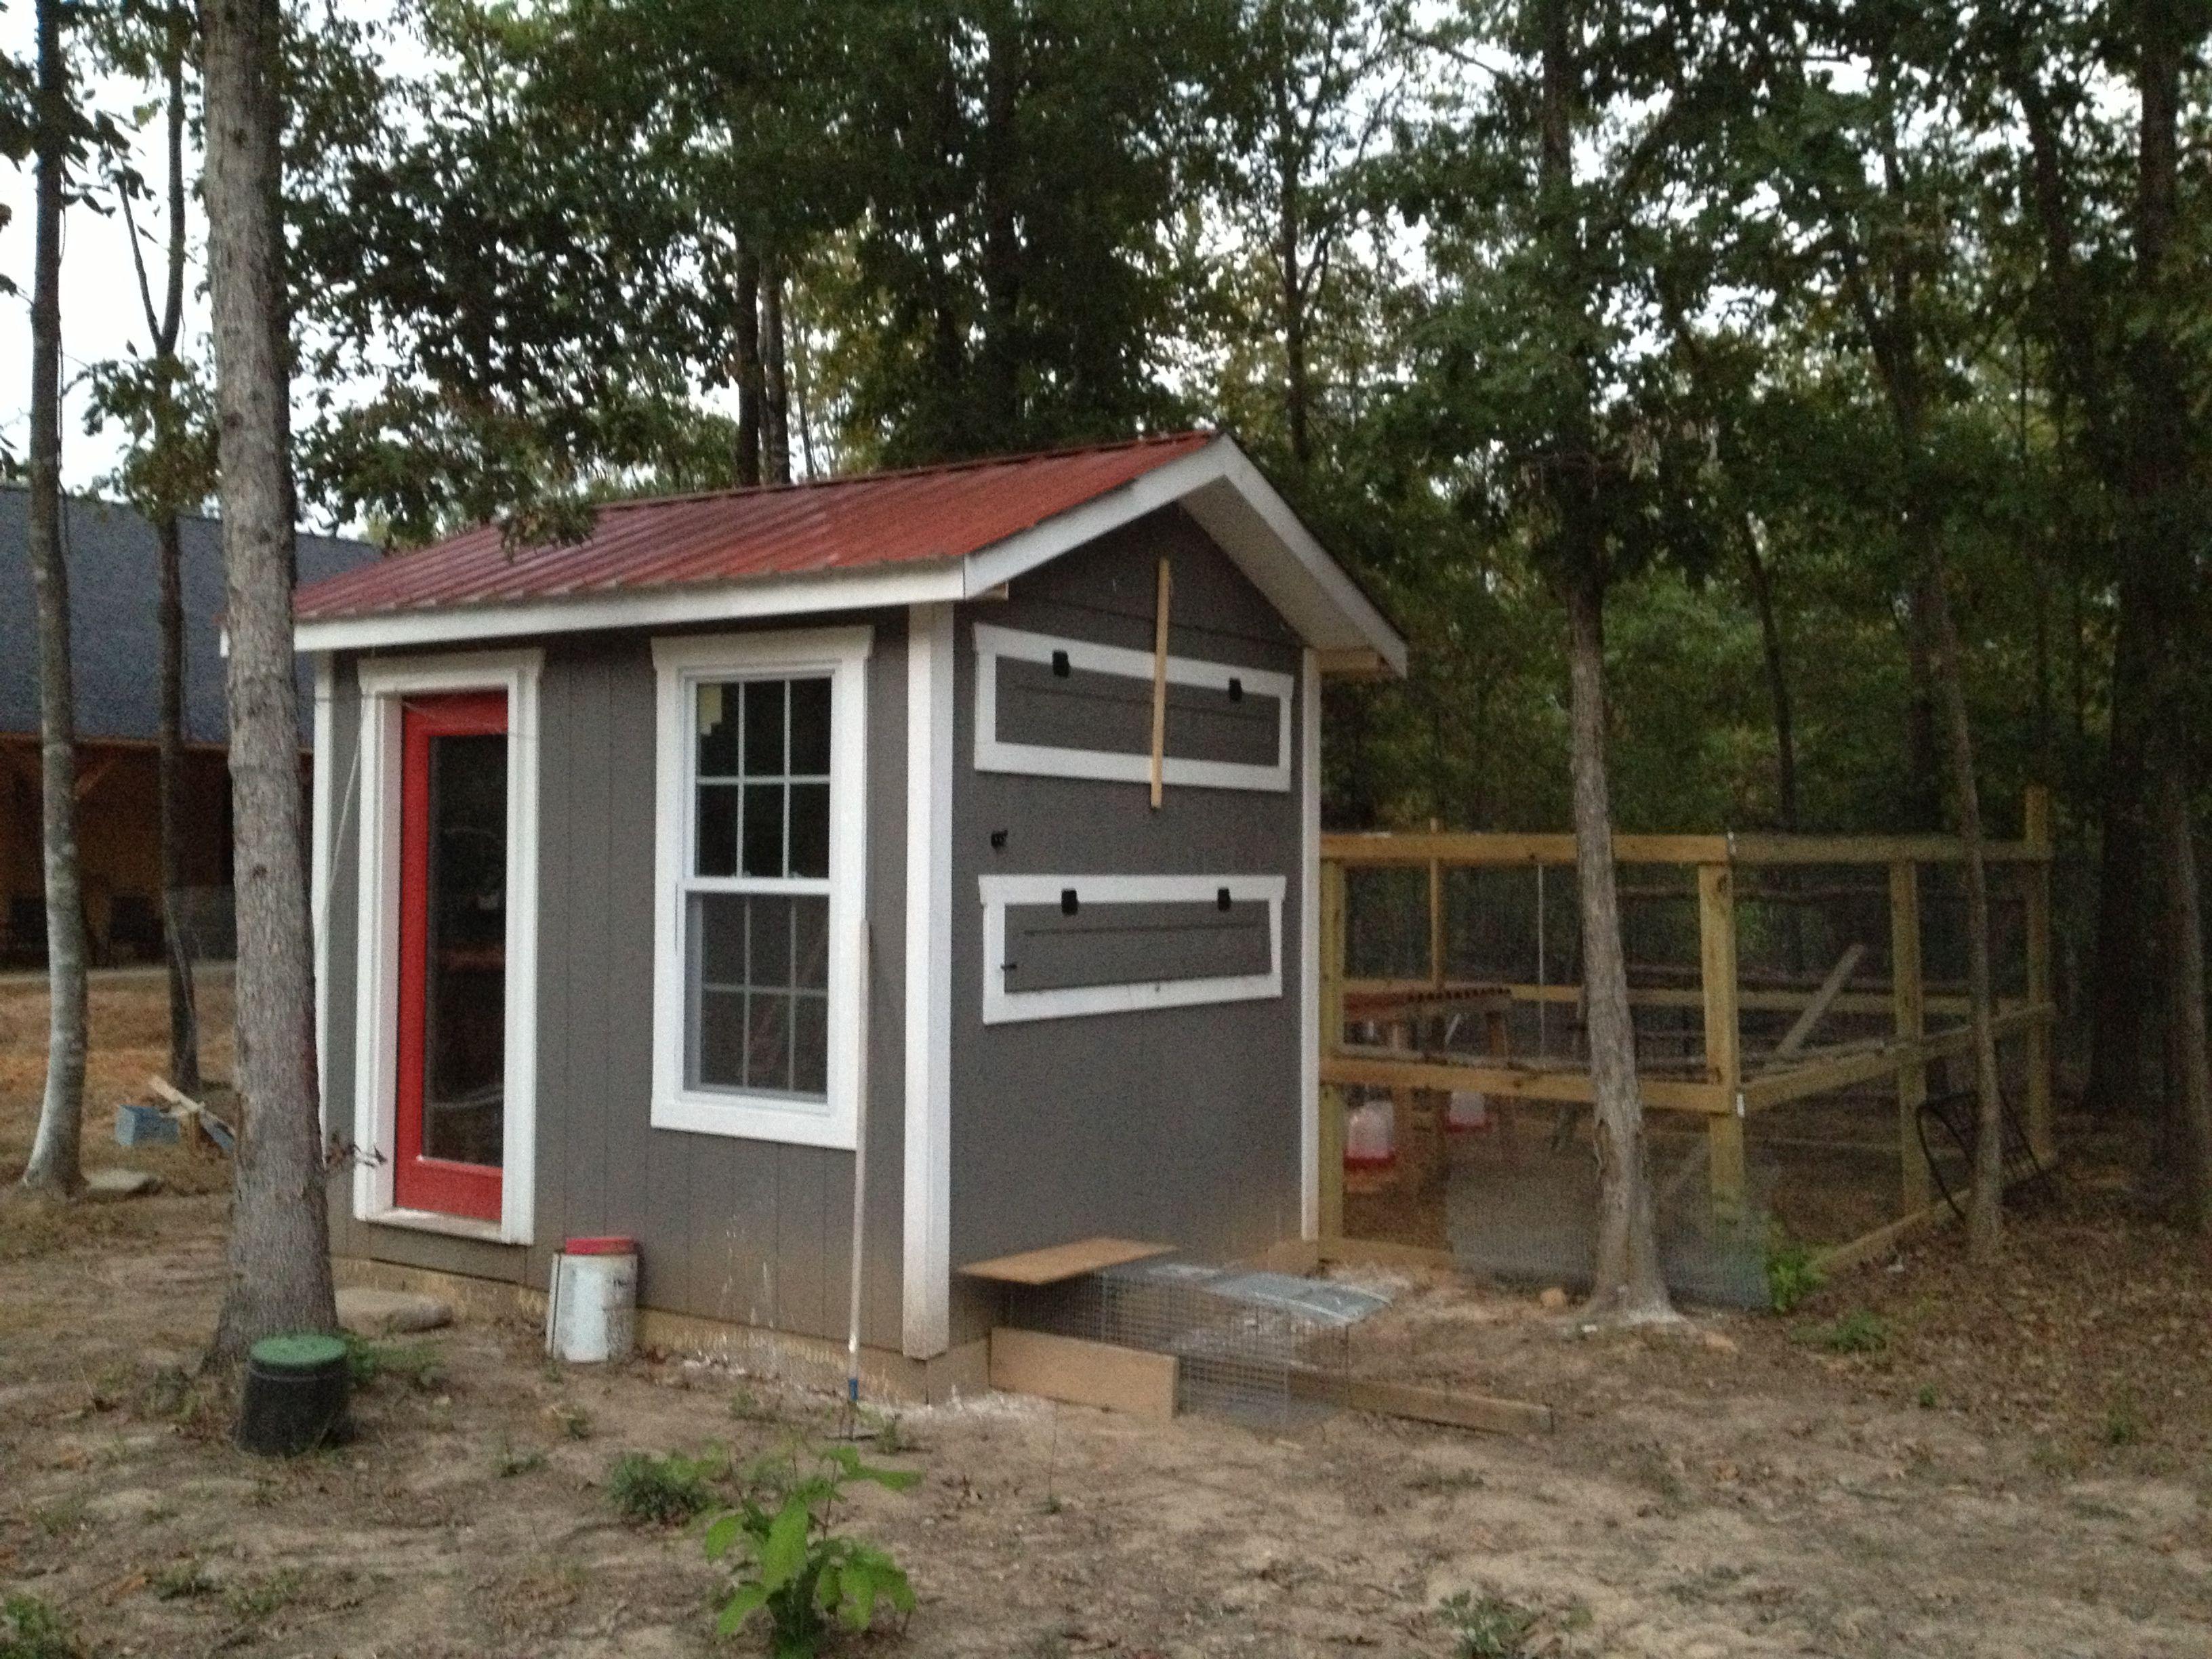 Excelente propiedad acogedora casa de piedra y madera inserta en